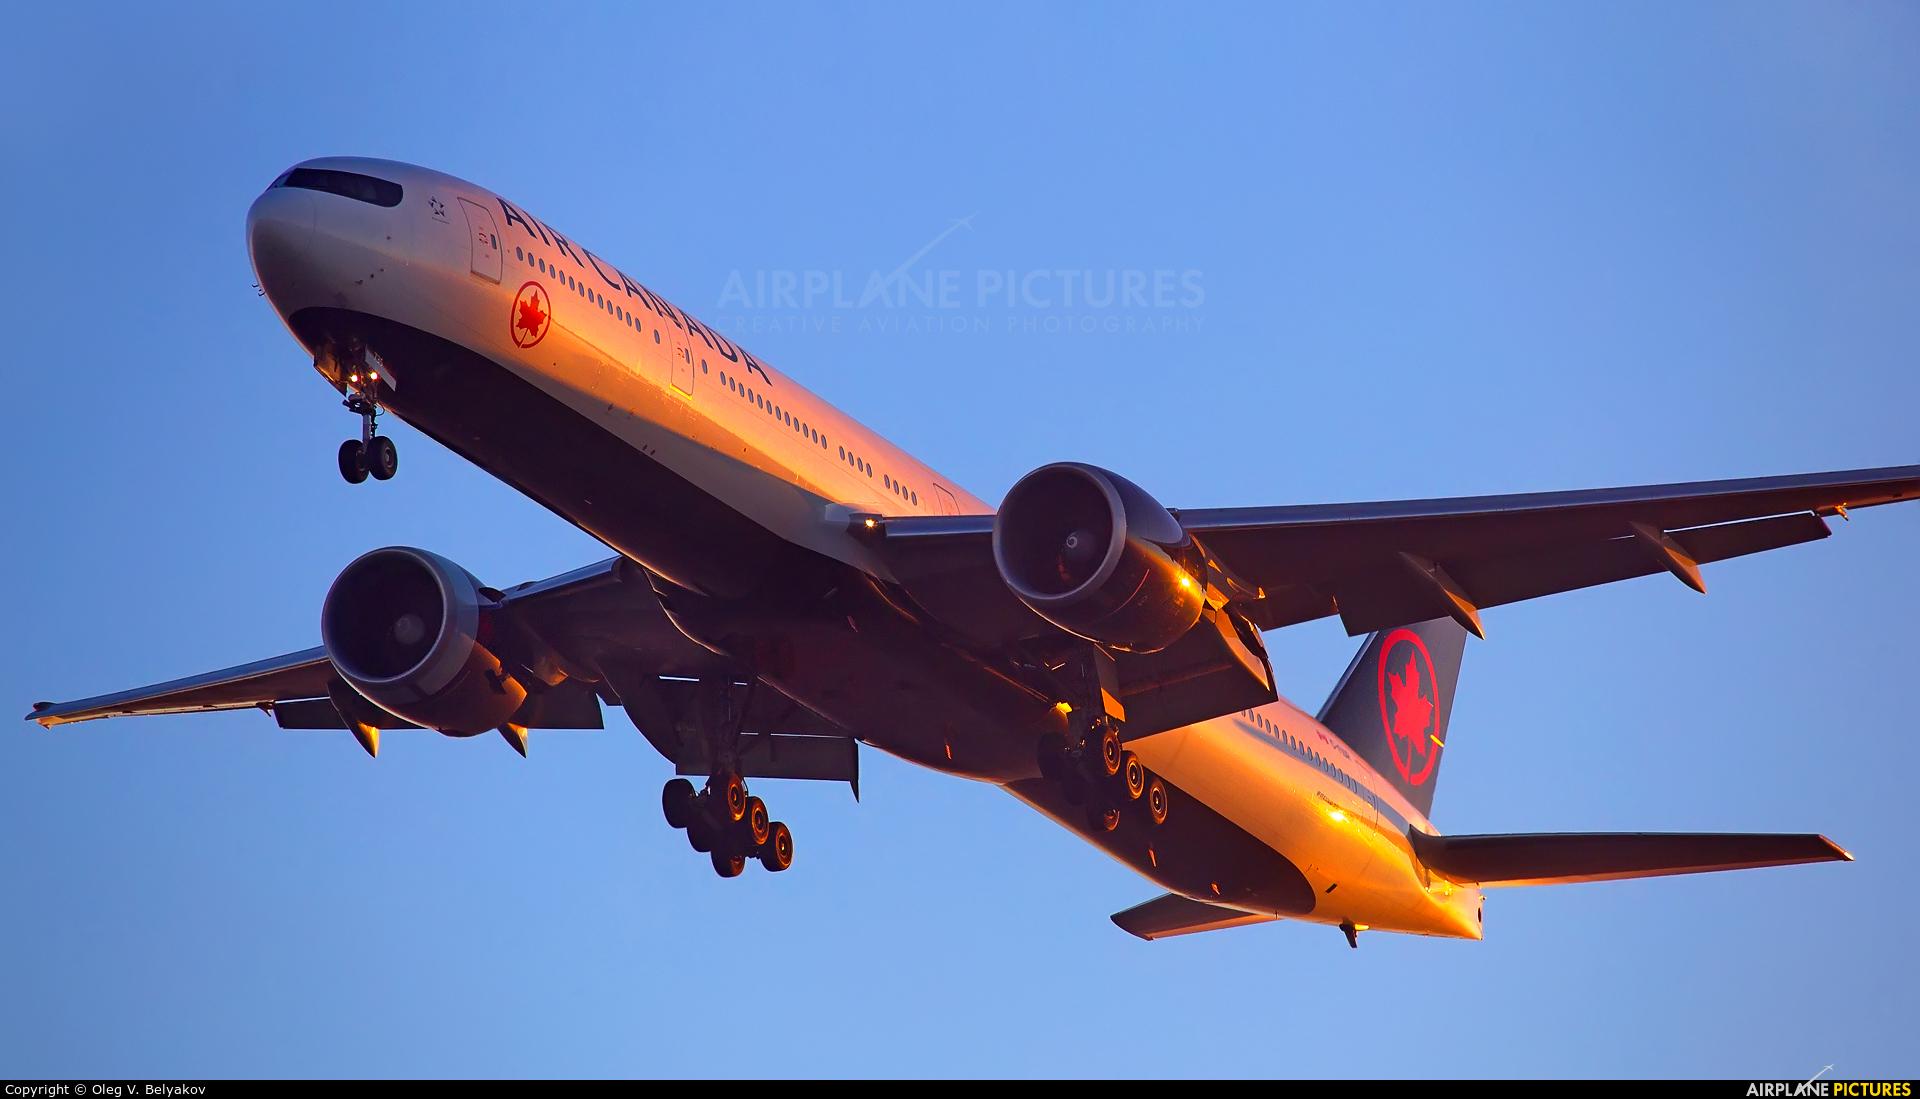 Air Canada C-FIUR aircraft at London - Heathrow